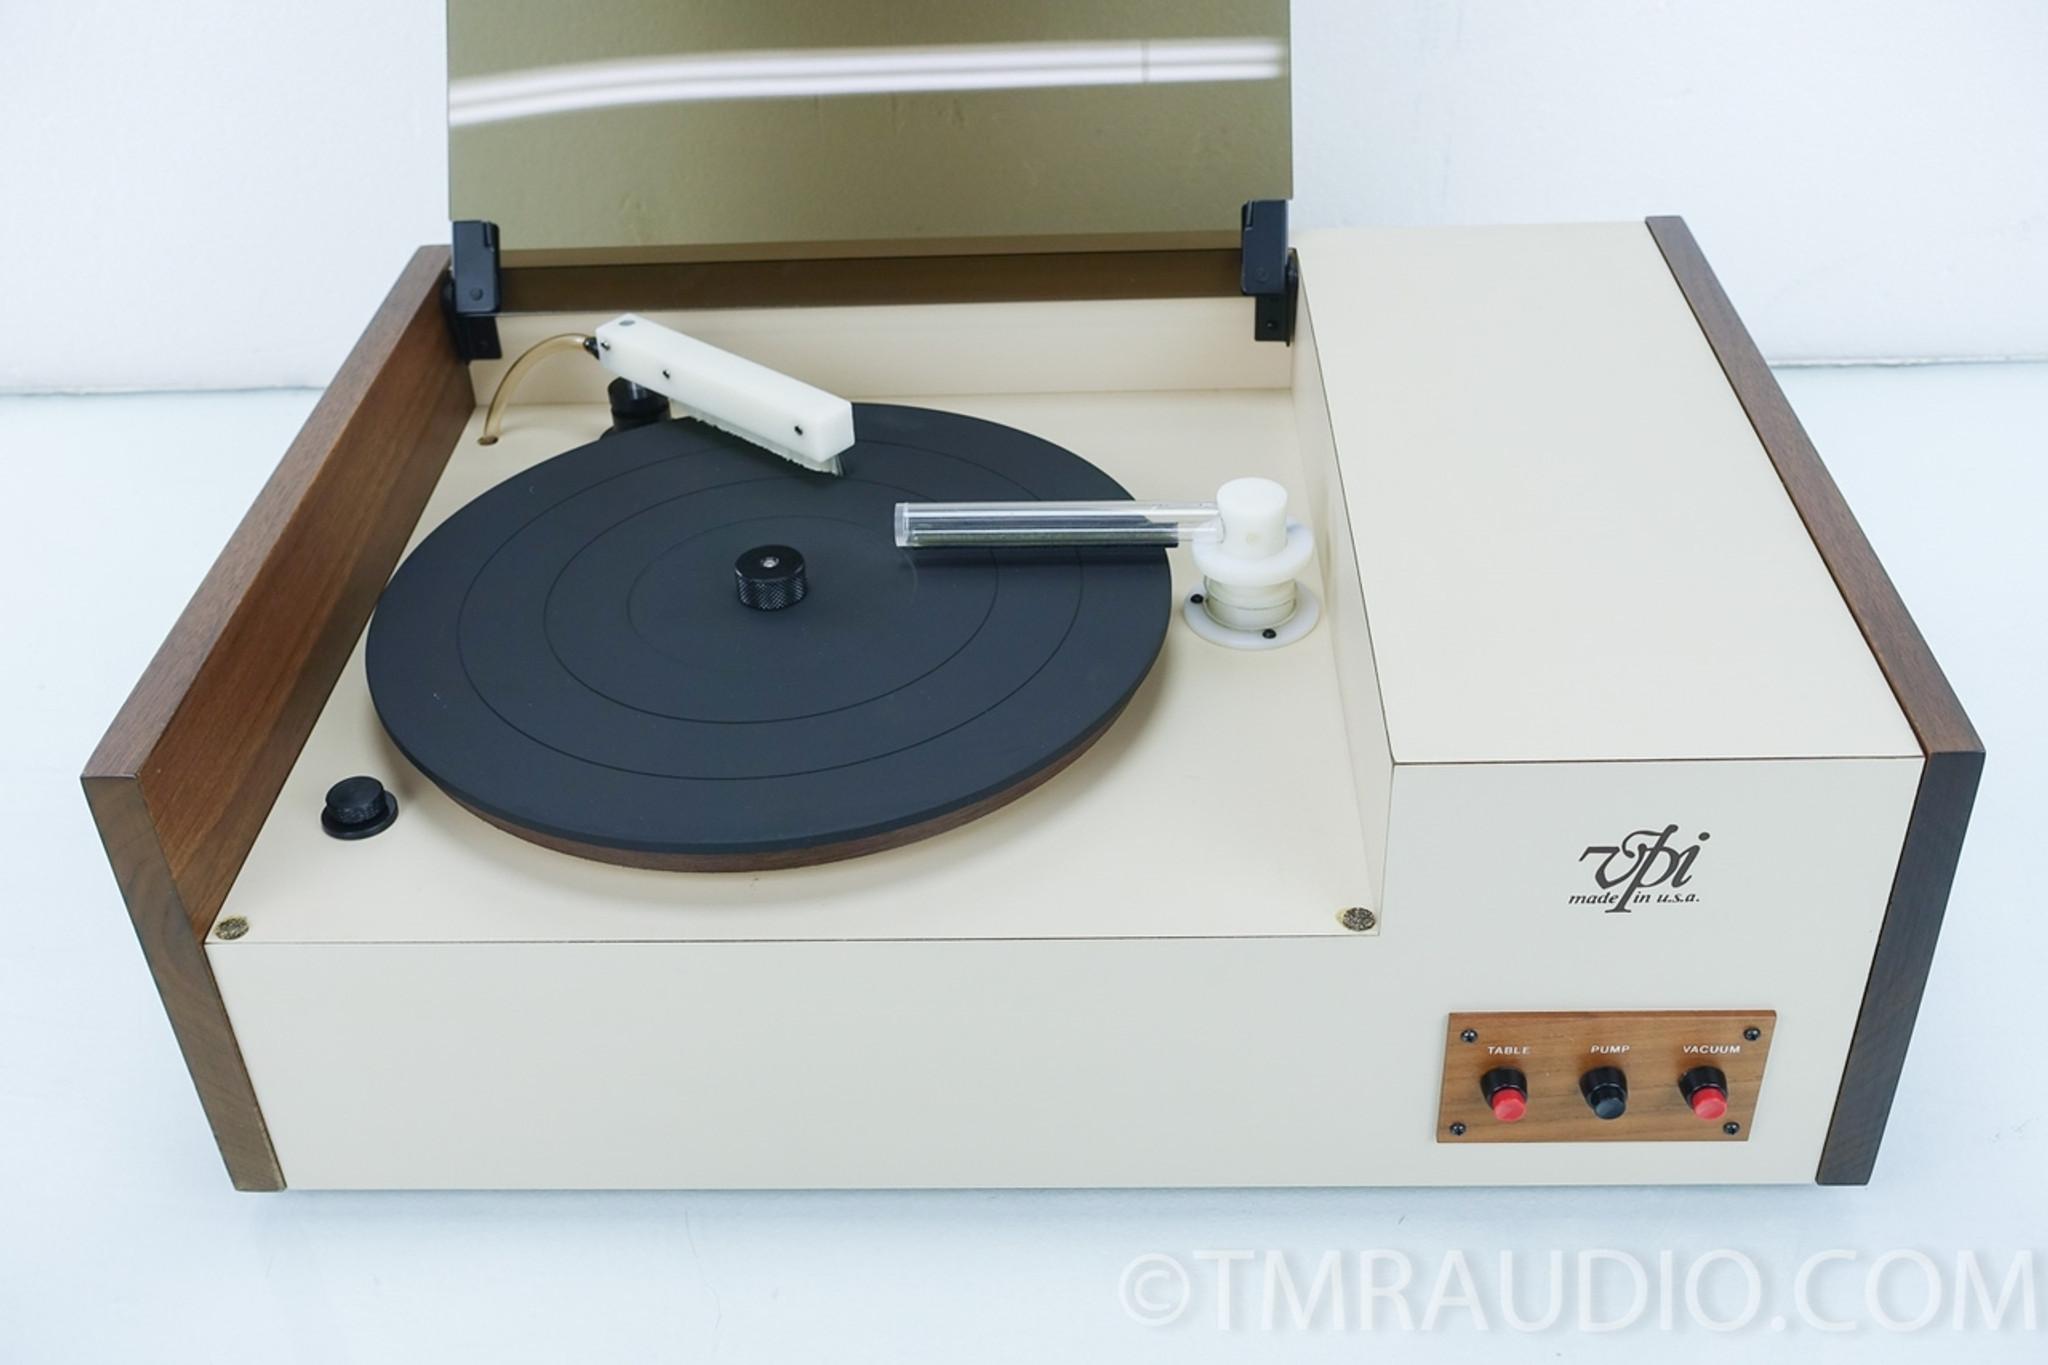 Vpi Hw 17 Vinyl Record Cleaner The Music Room